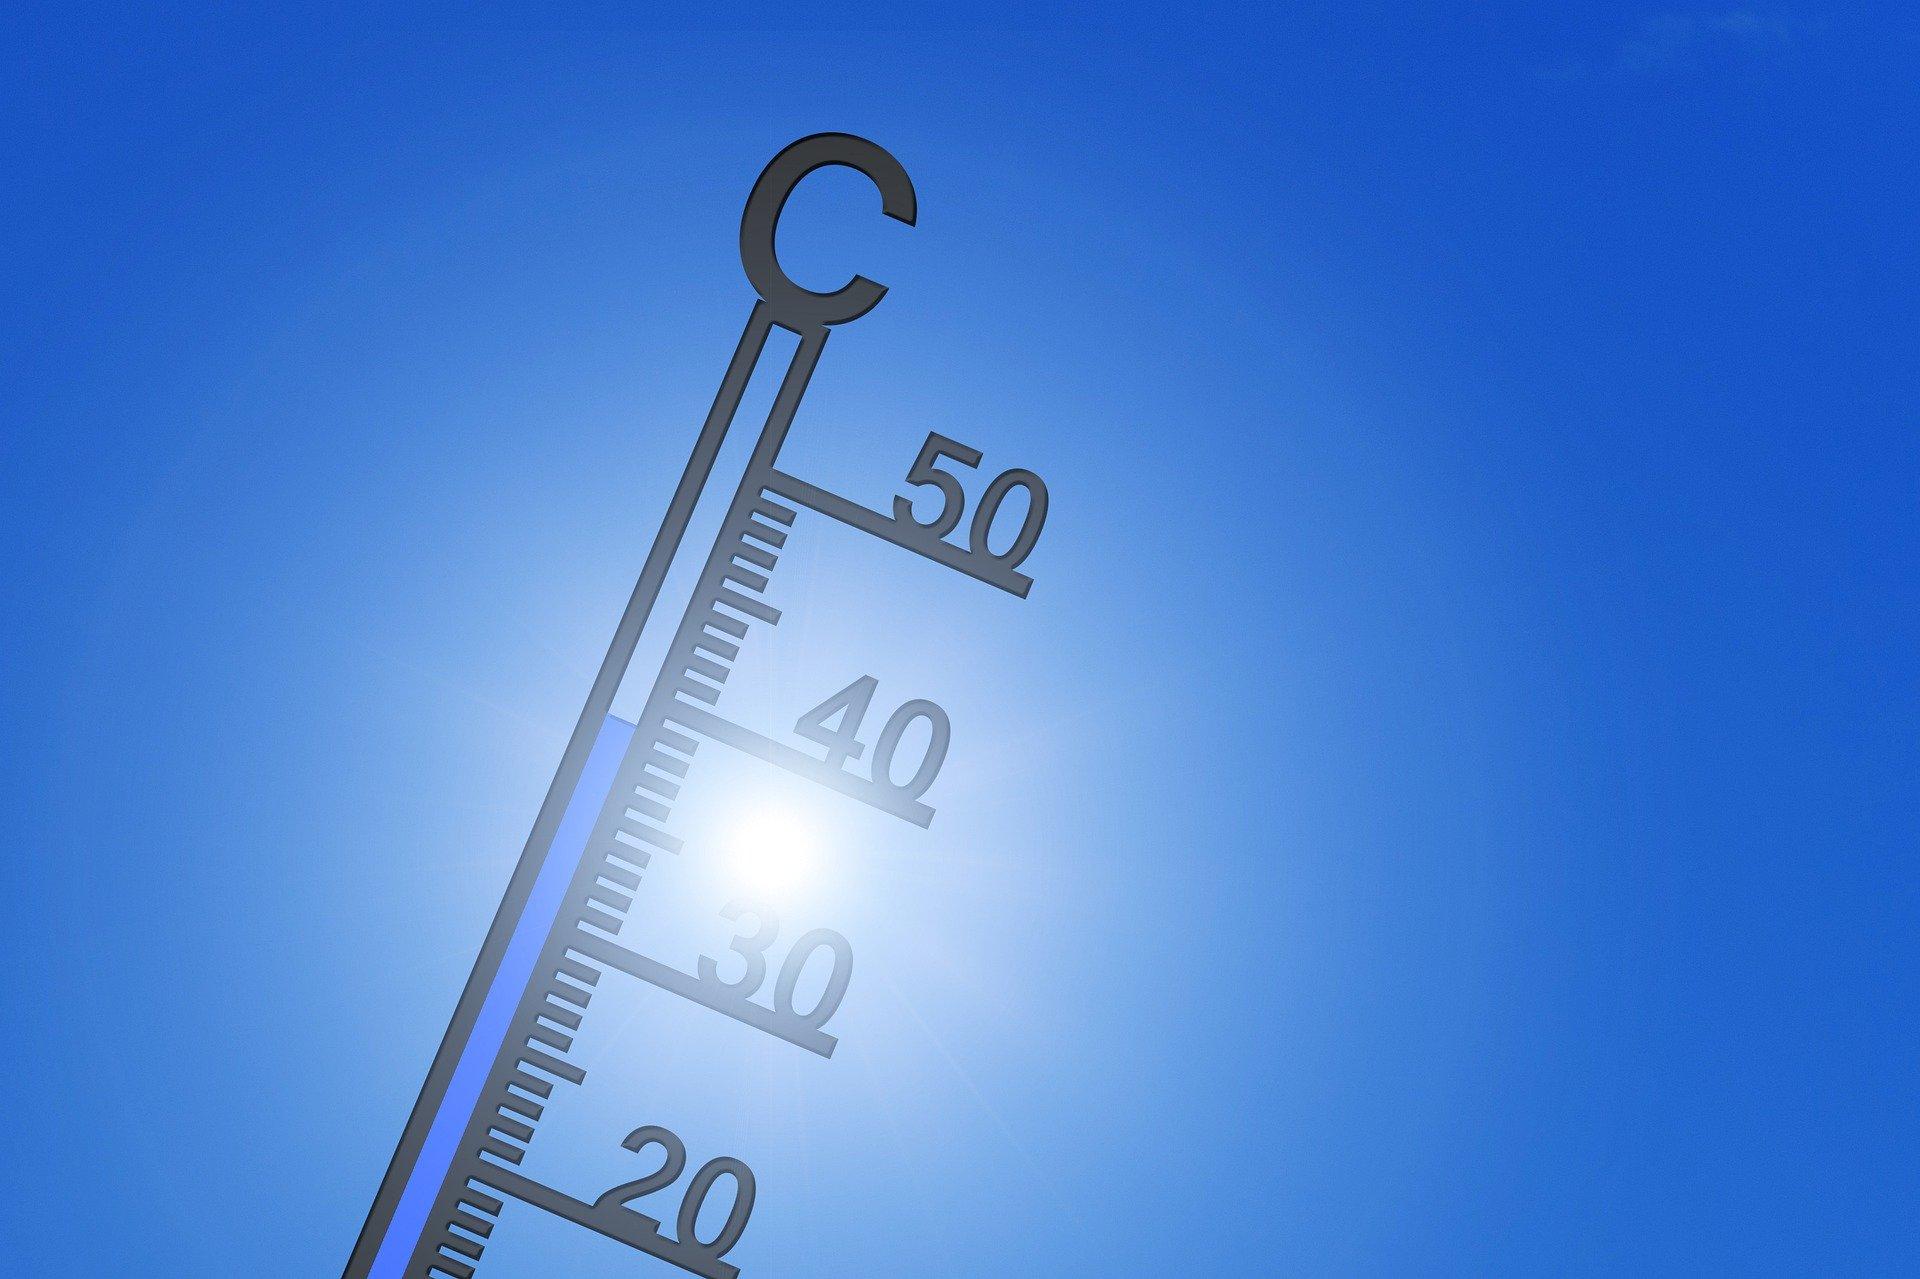 Wassertemperatur Heidebad